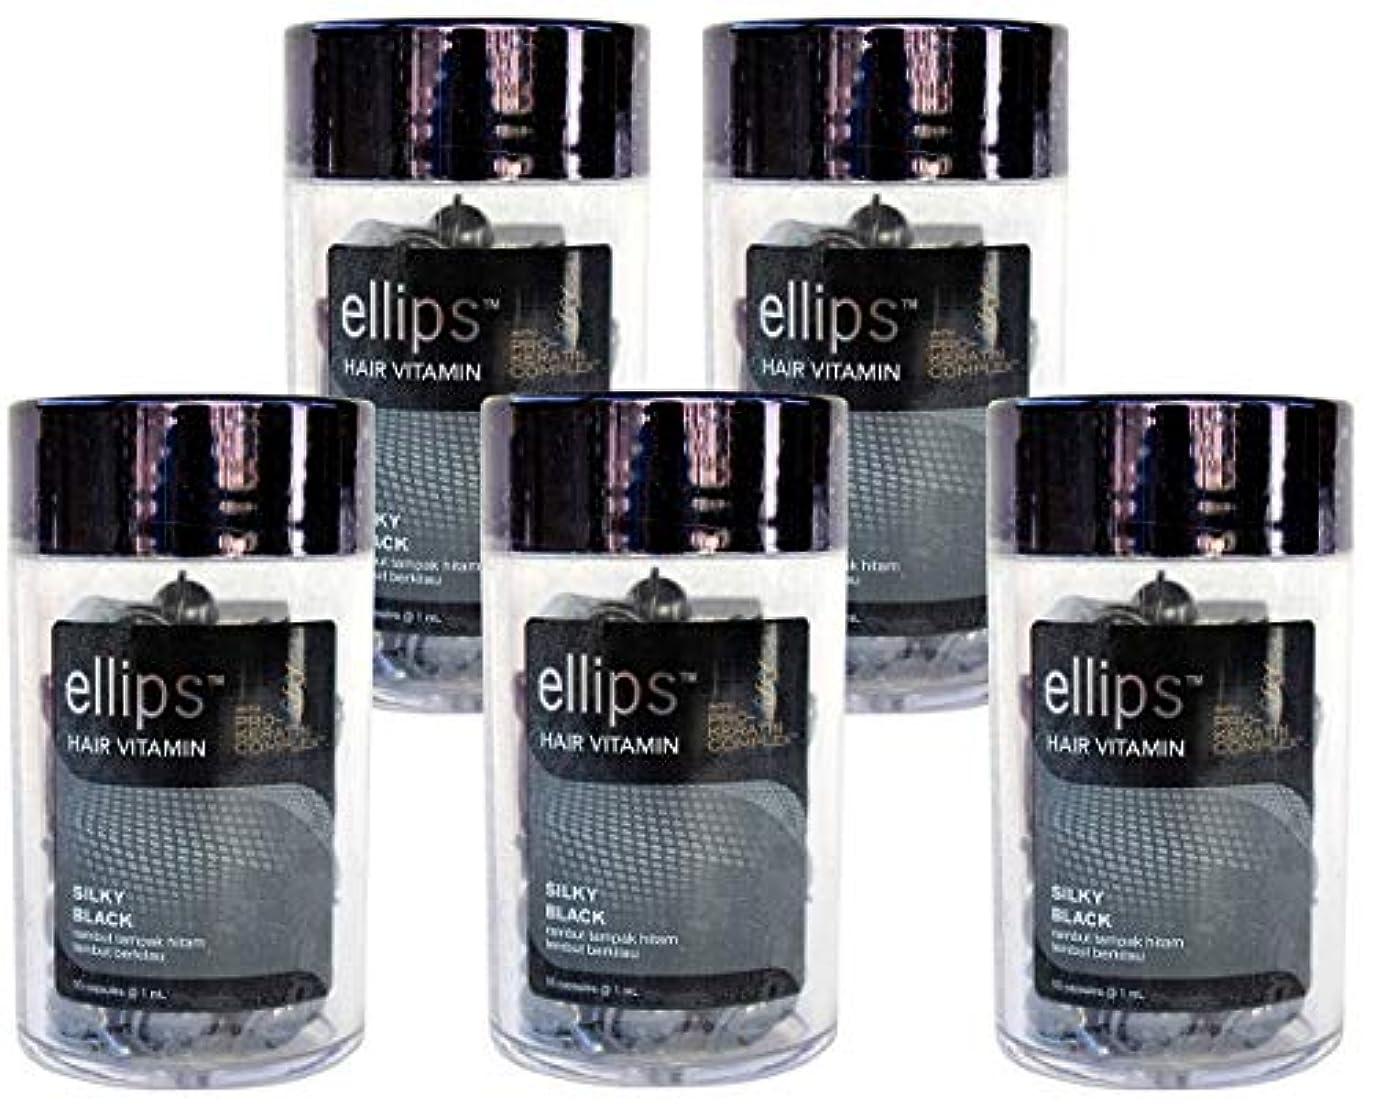 ロイヤリティ不名誉世論調査ellips エリプス Hair Vitamin ヘア ビタミン Pro-Keratin Complex プロケラチン配合 SILKY BLACK ブラック ボトル(50粒入) × 5本 セット [並行輸入品][海外直送品]